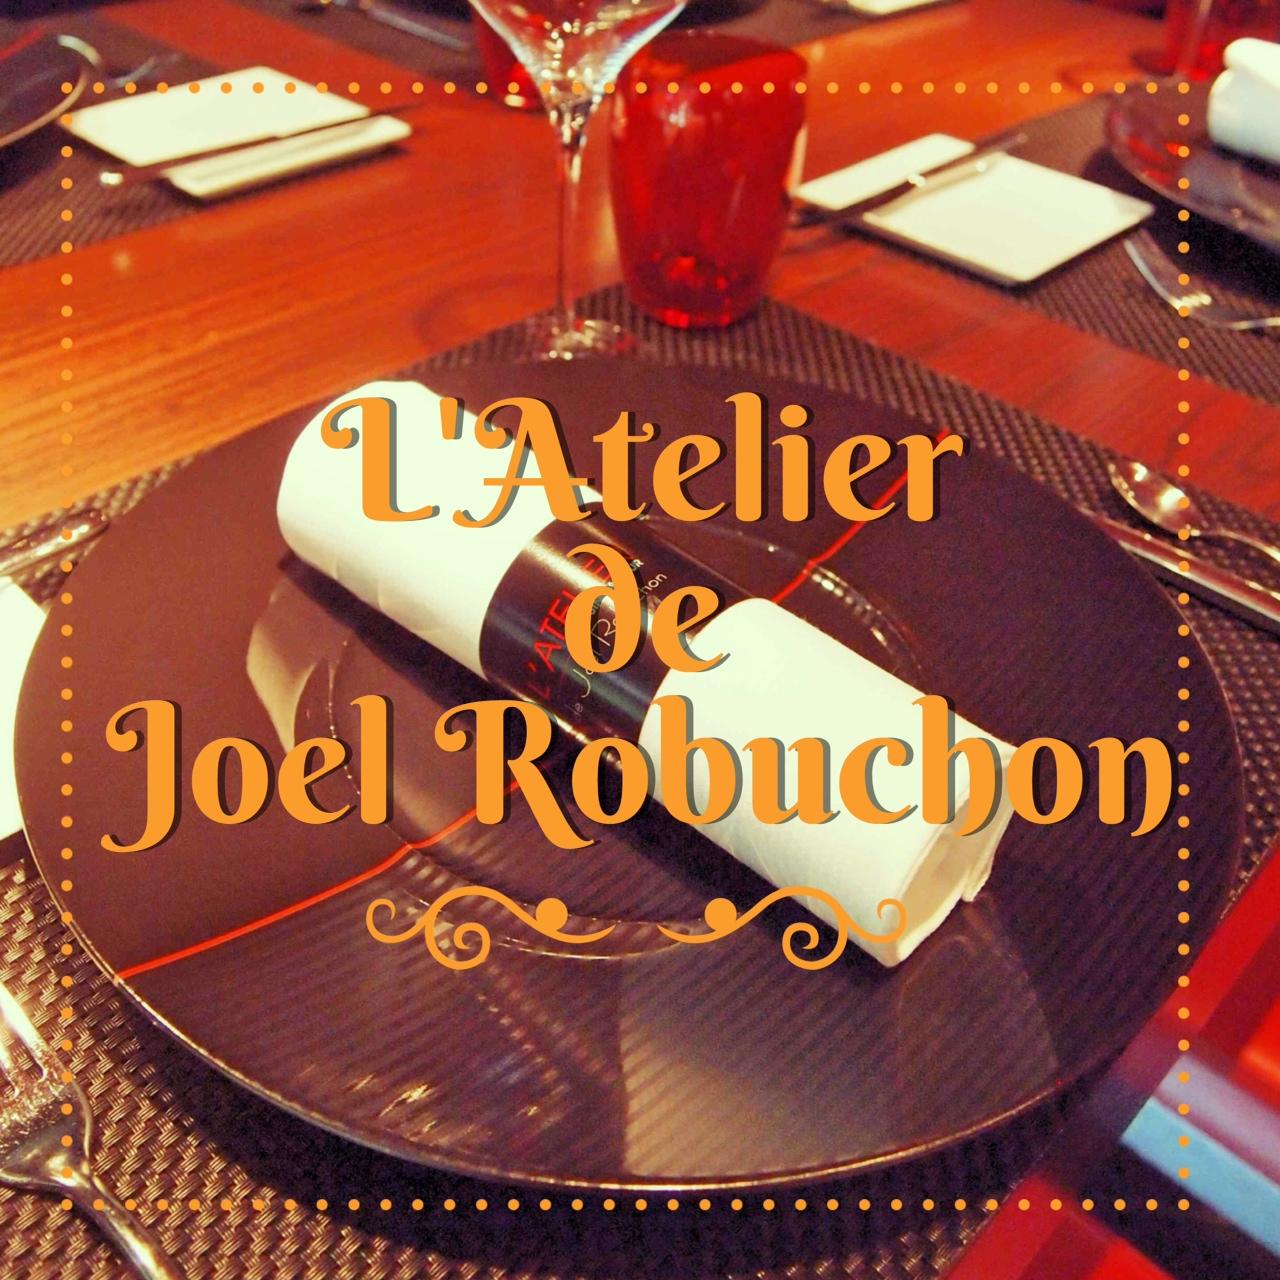 L'Atelier de Joel Robuchon ♥♥♥♥♥ Singapore